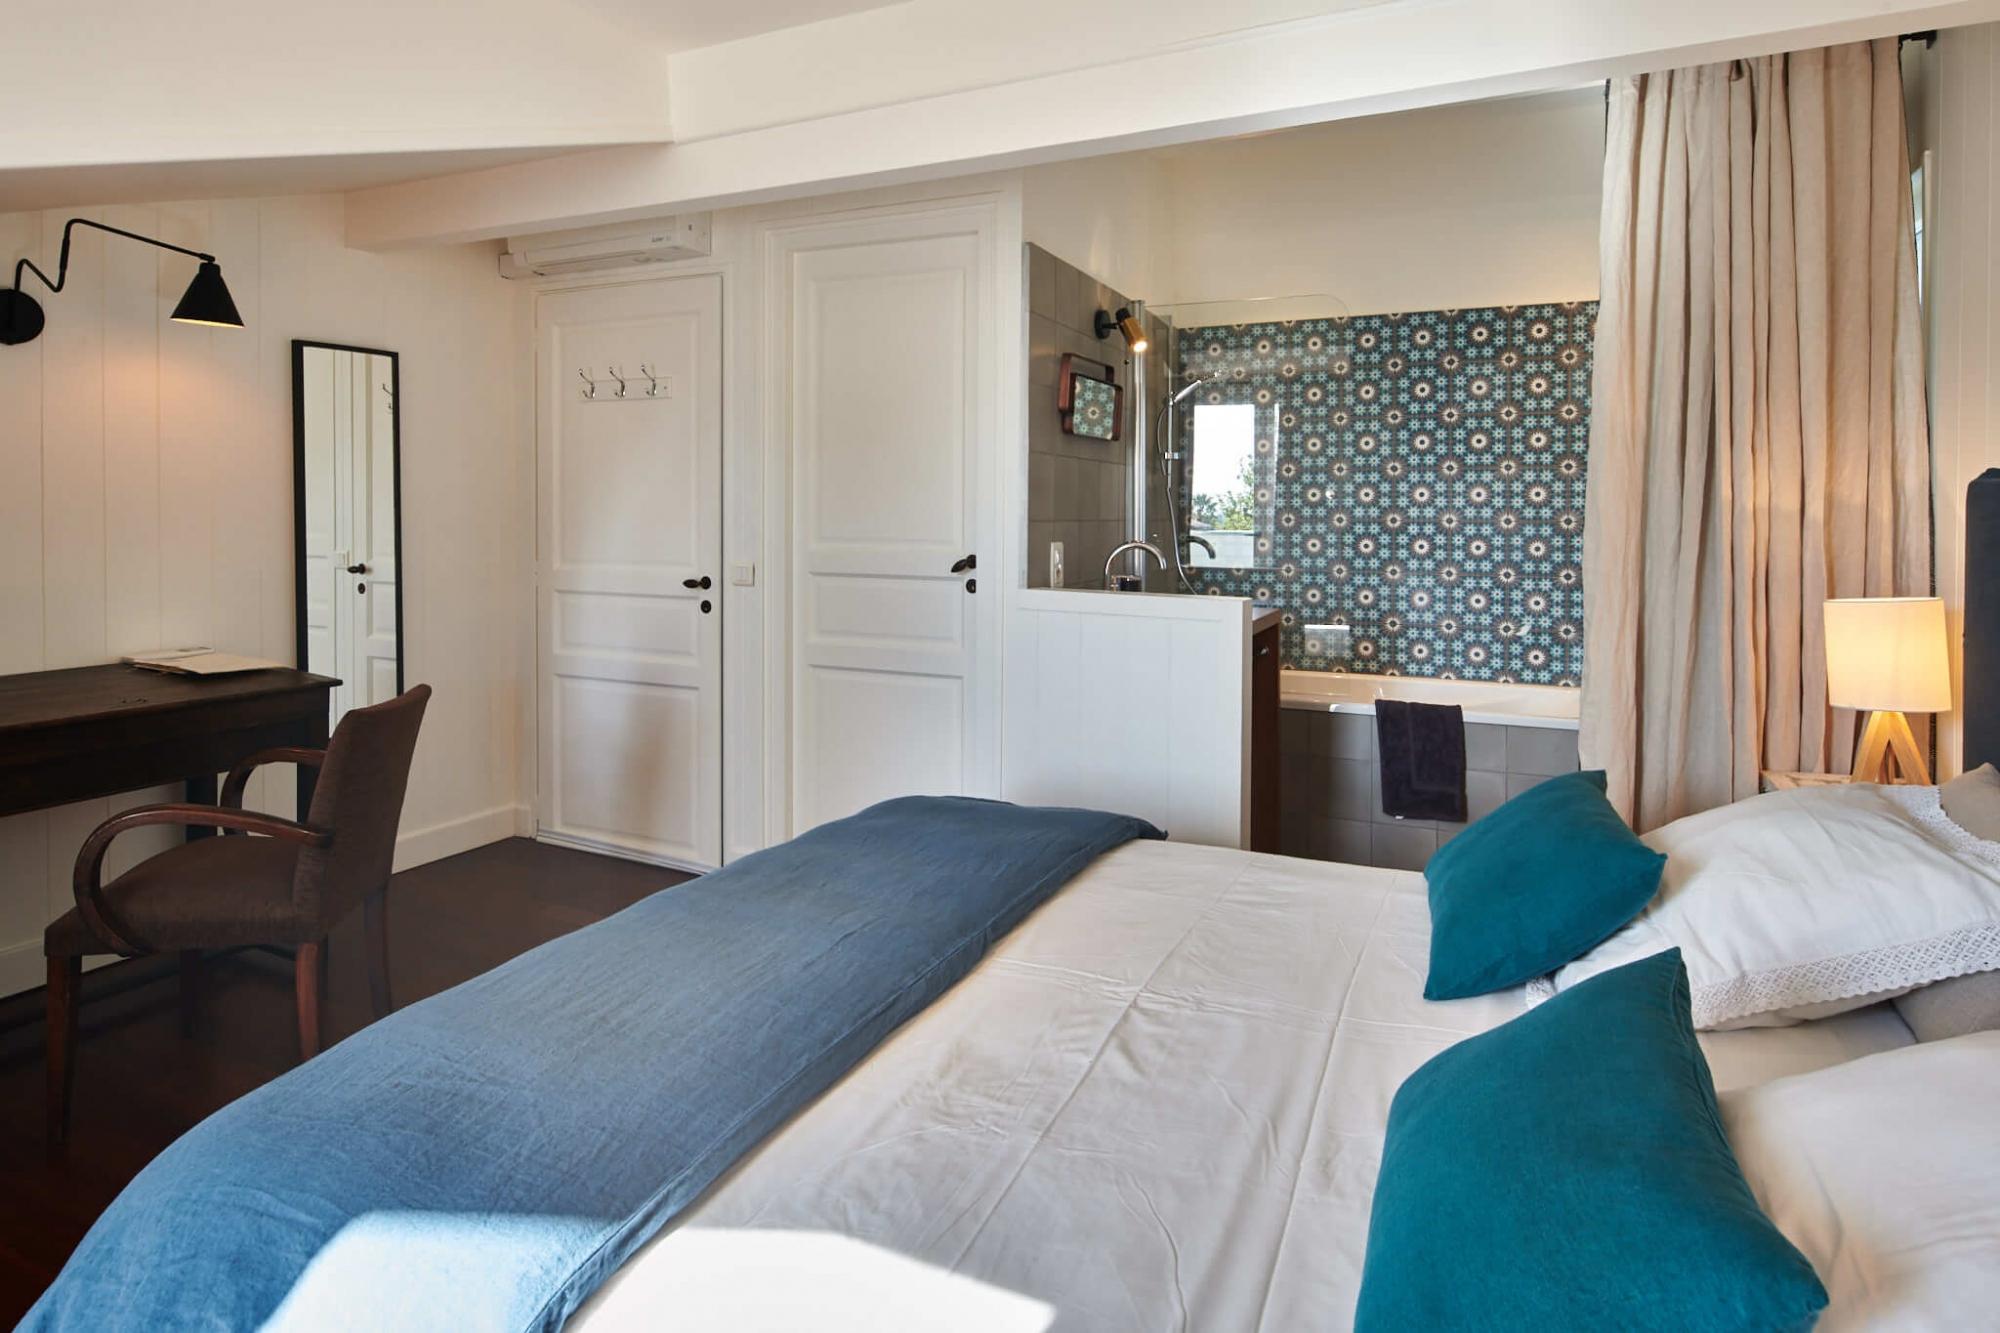 Chambre D'Hôte Ilbarritz En Location | Arbolateia Biarritz concernant Chambre D Hote Biscarrosse Plage